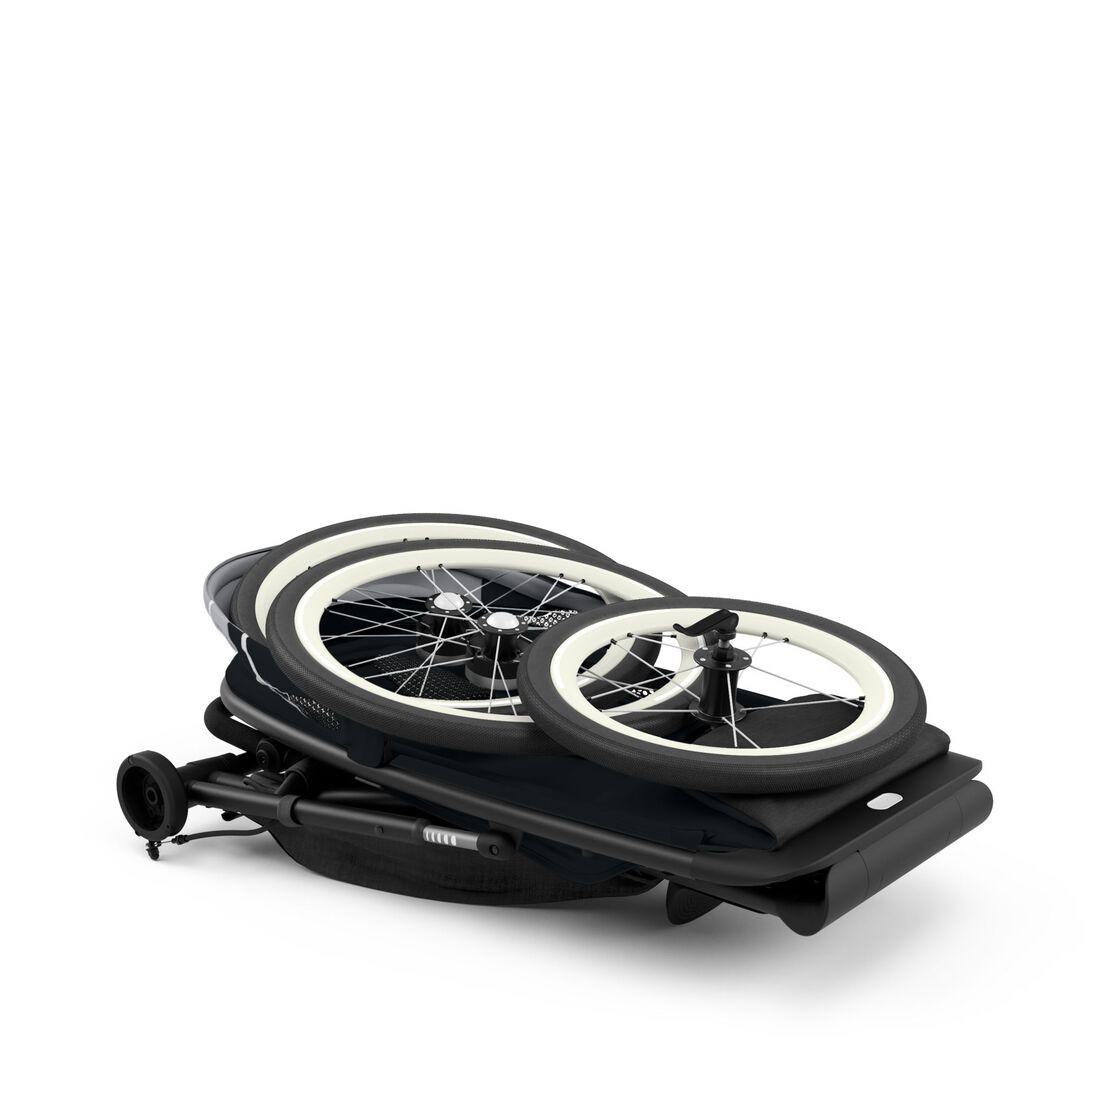 CYBEX Avi Rahmen - Schwarz mit schwarzen Details in Black With Black Details large